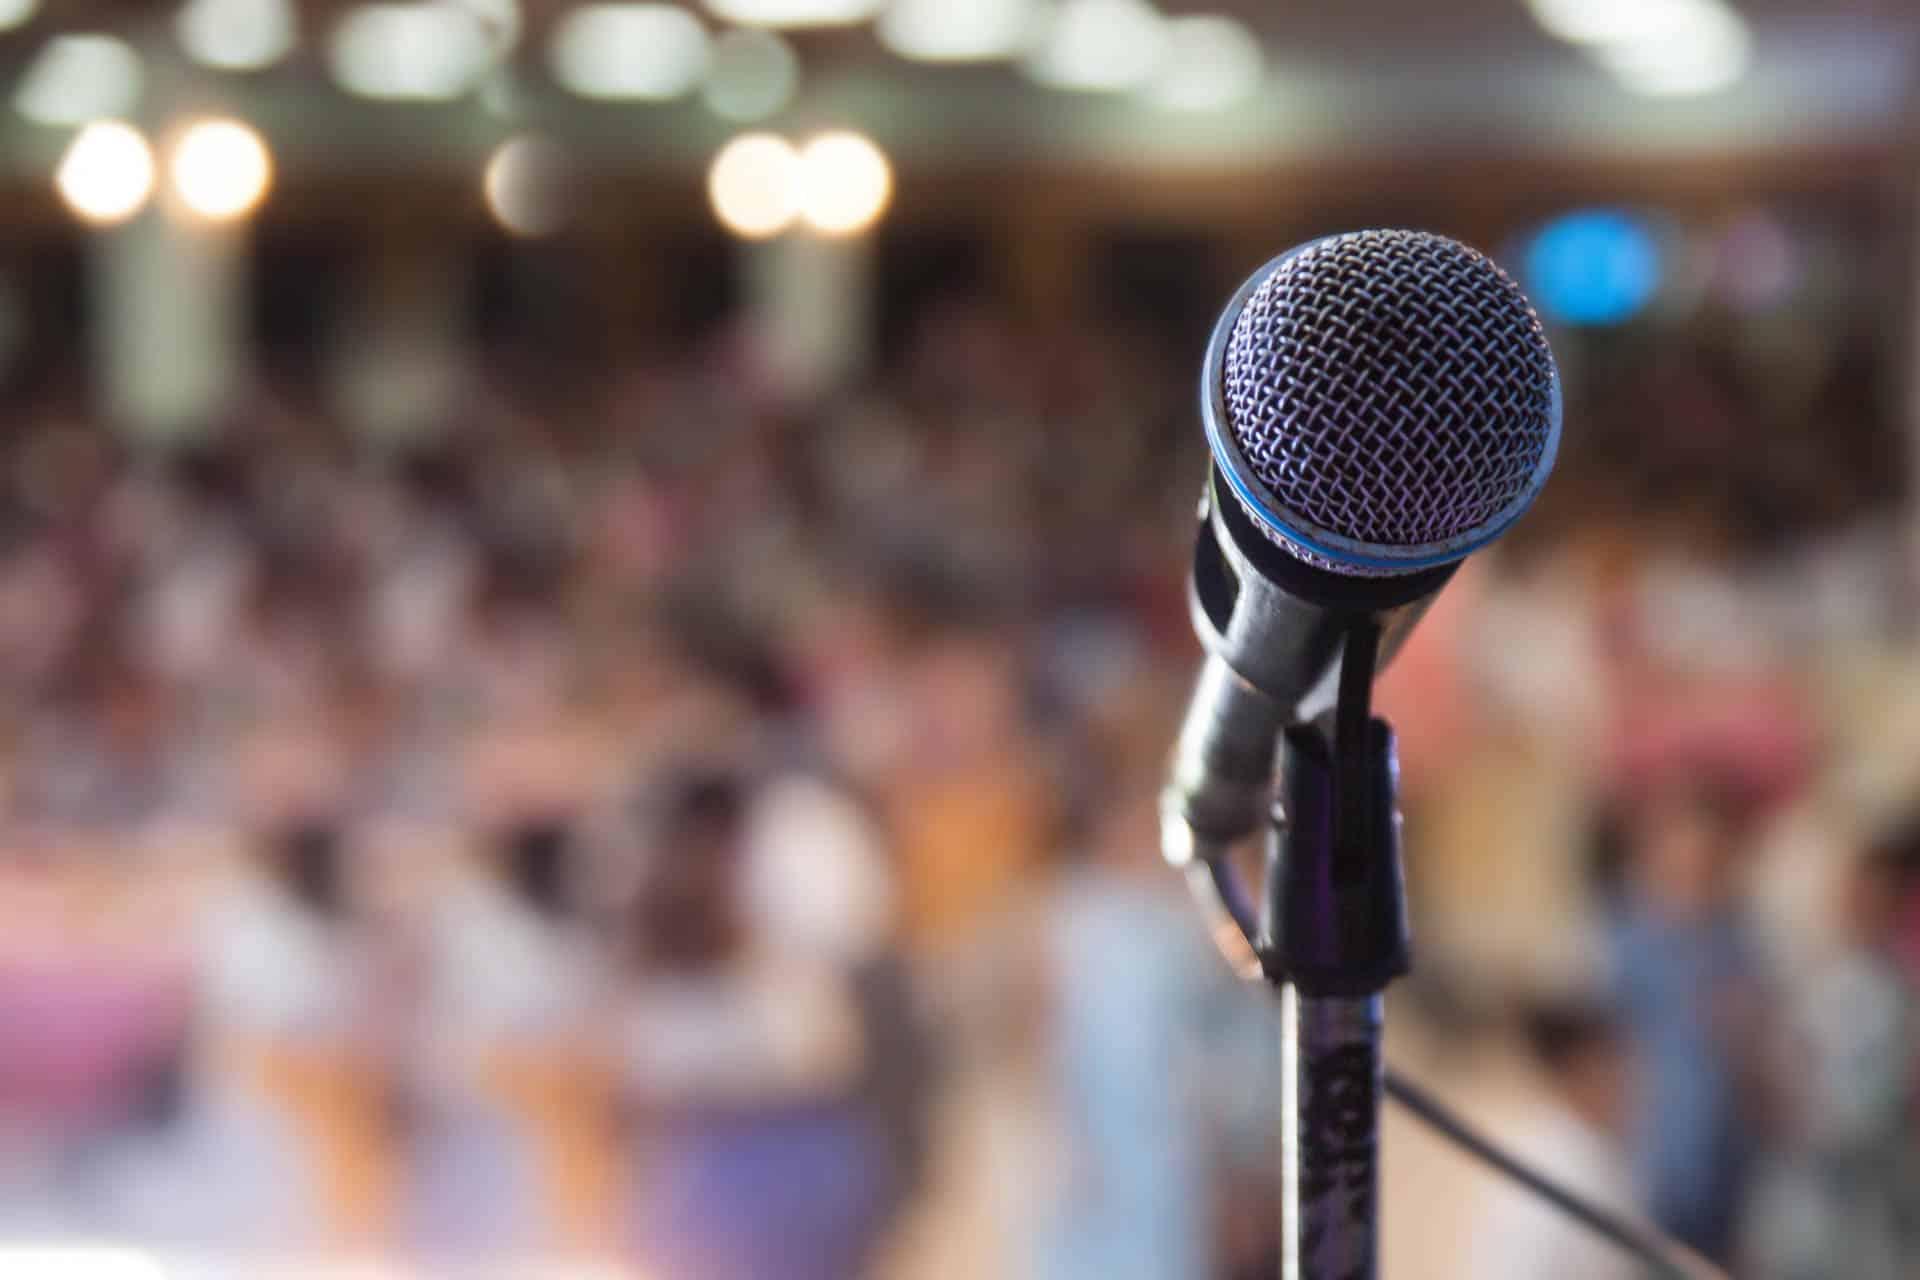 Nahaufnahme eines Mikrofons mit einem unscharfen Publikum im Hintergrund